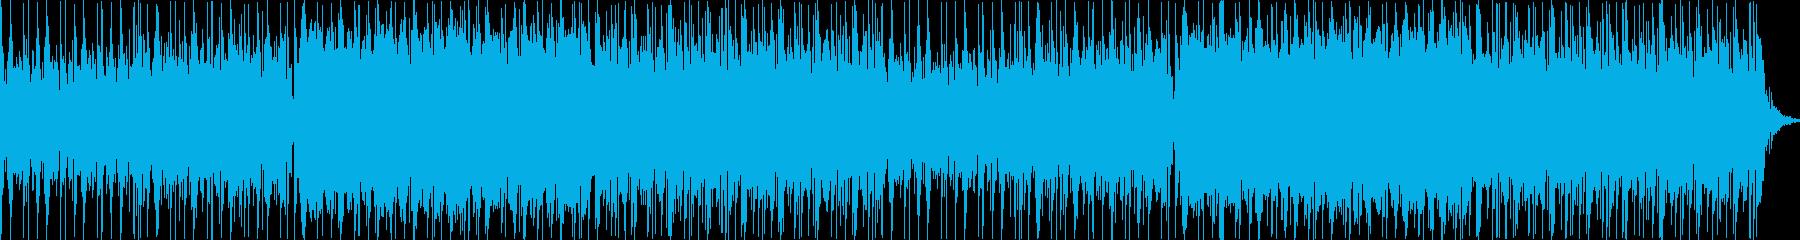 ややダークめの臨戦感高まるイメージの再生済みの波形